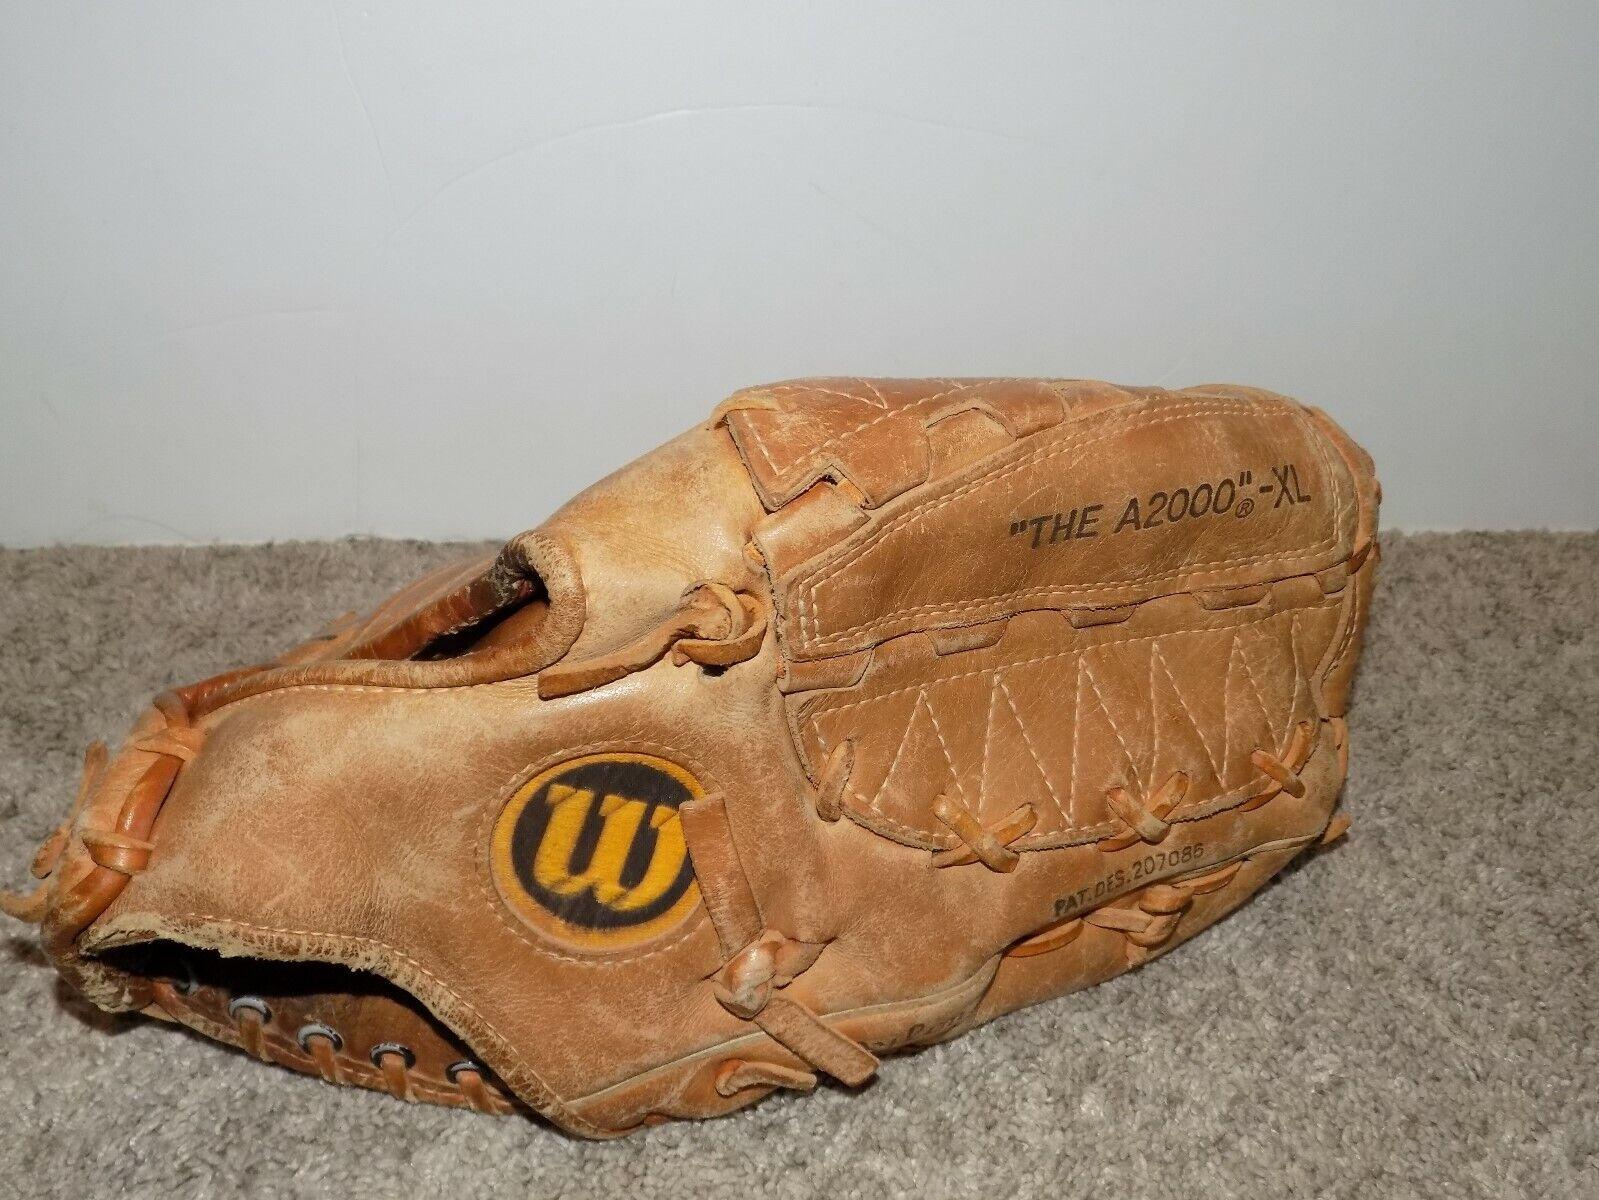 Wilson el A2000 XL Guante de béisbol doble bisagra Tiro Mano derecha Japón